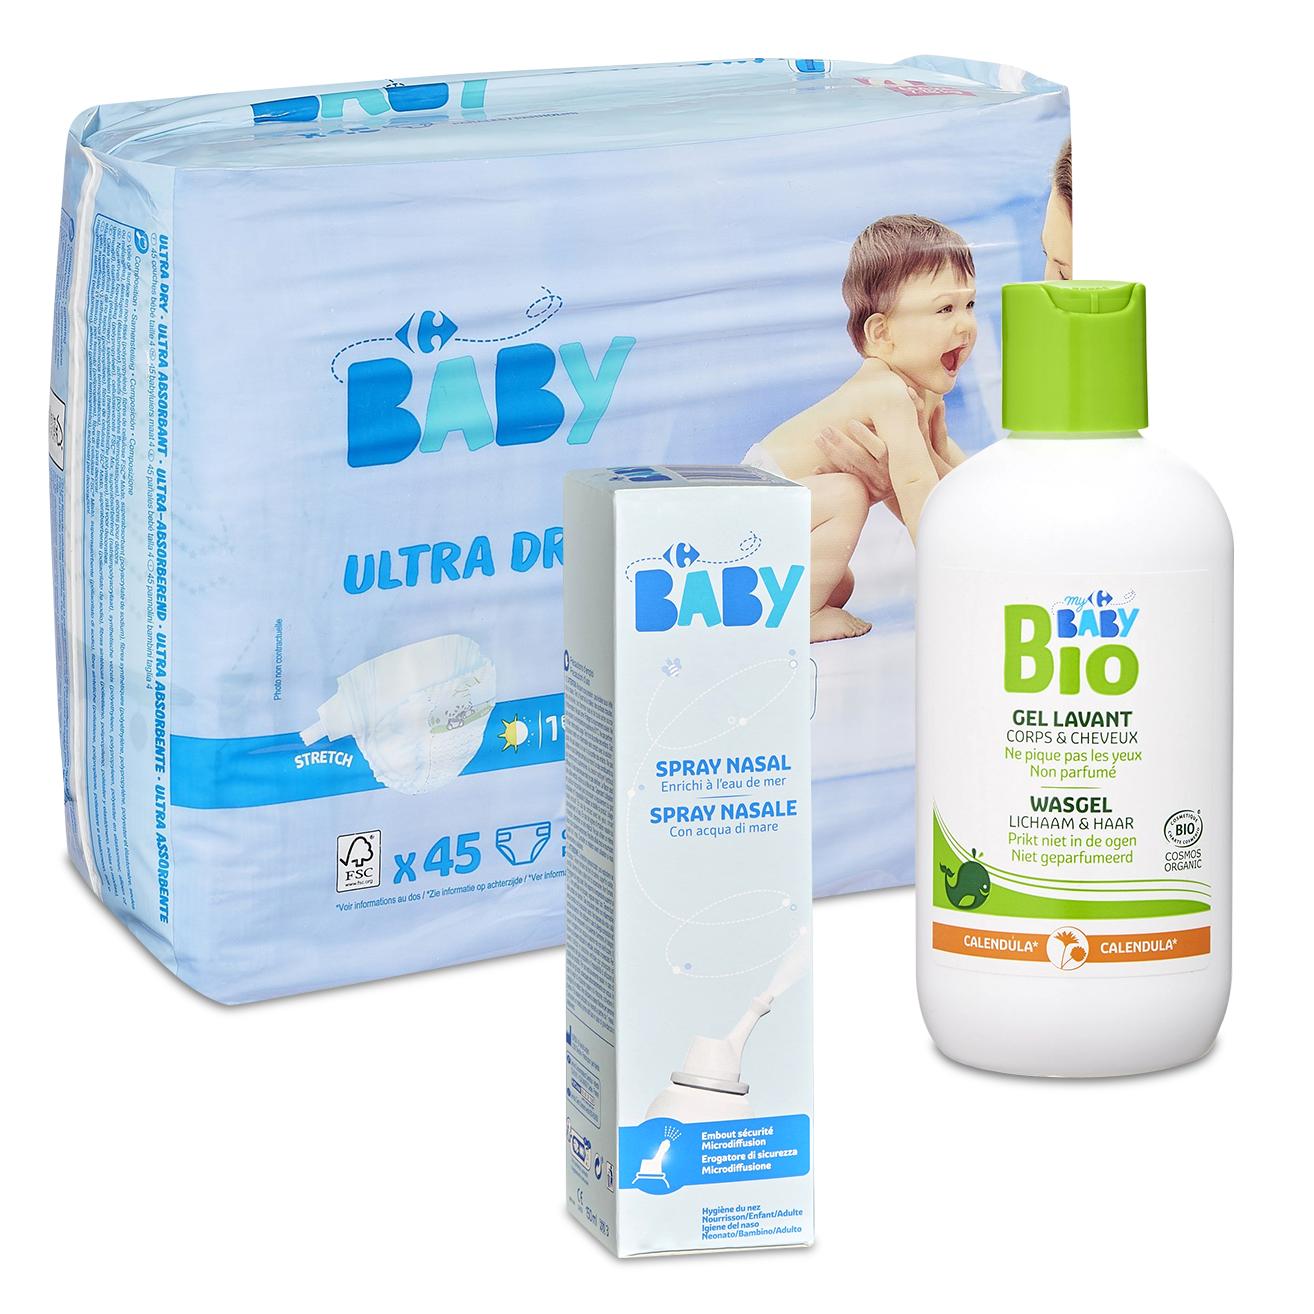 Image de produits Carrefour Baby